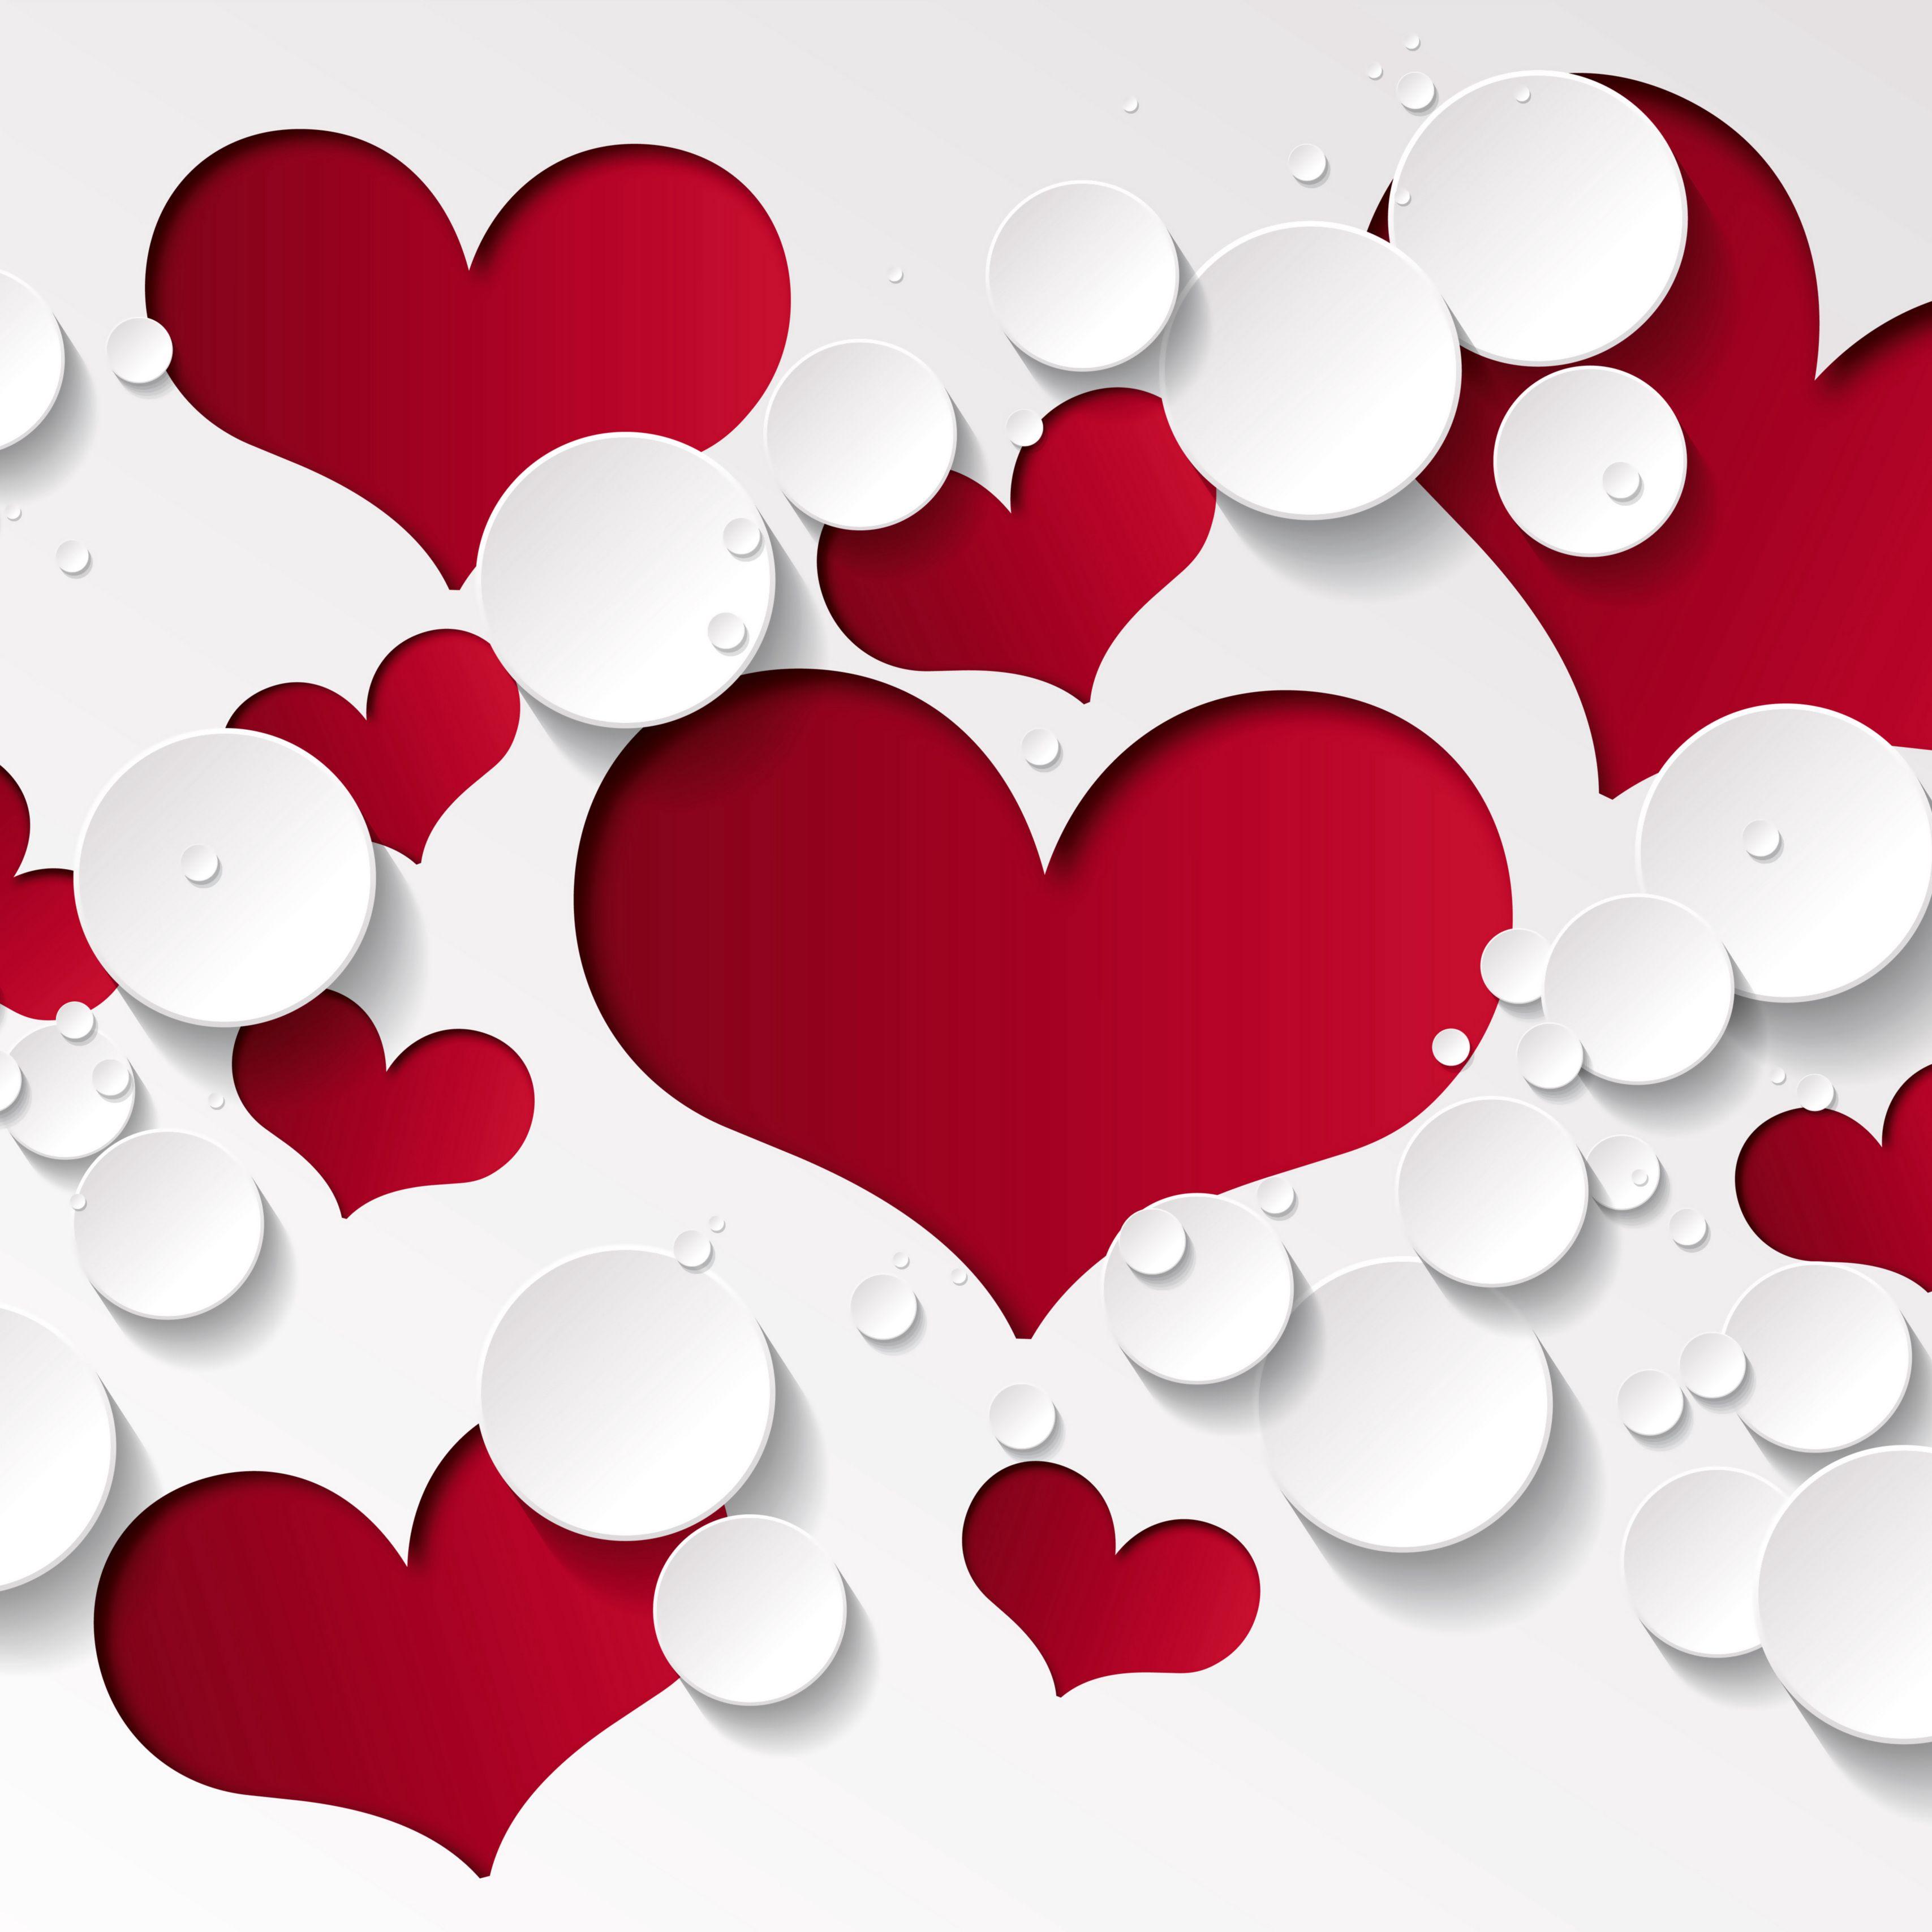 3415x3415 Wallpaper heart, shape, pattern